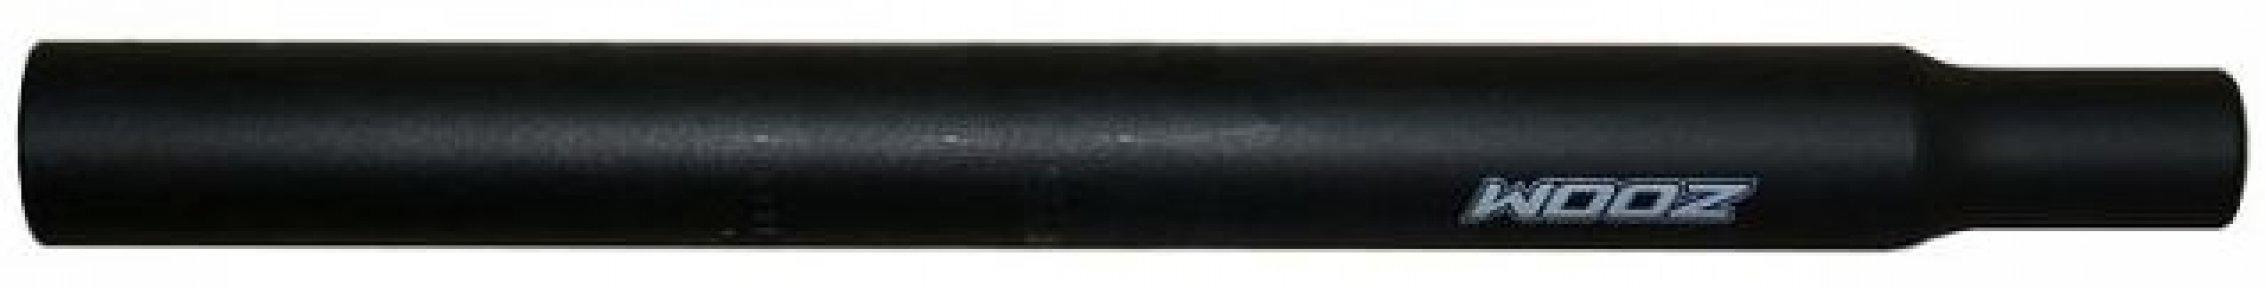 Подседельная труба ZOOM SP-102/EN-M 25,4 x350 мм без замка алюмин. black